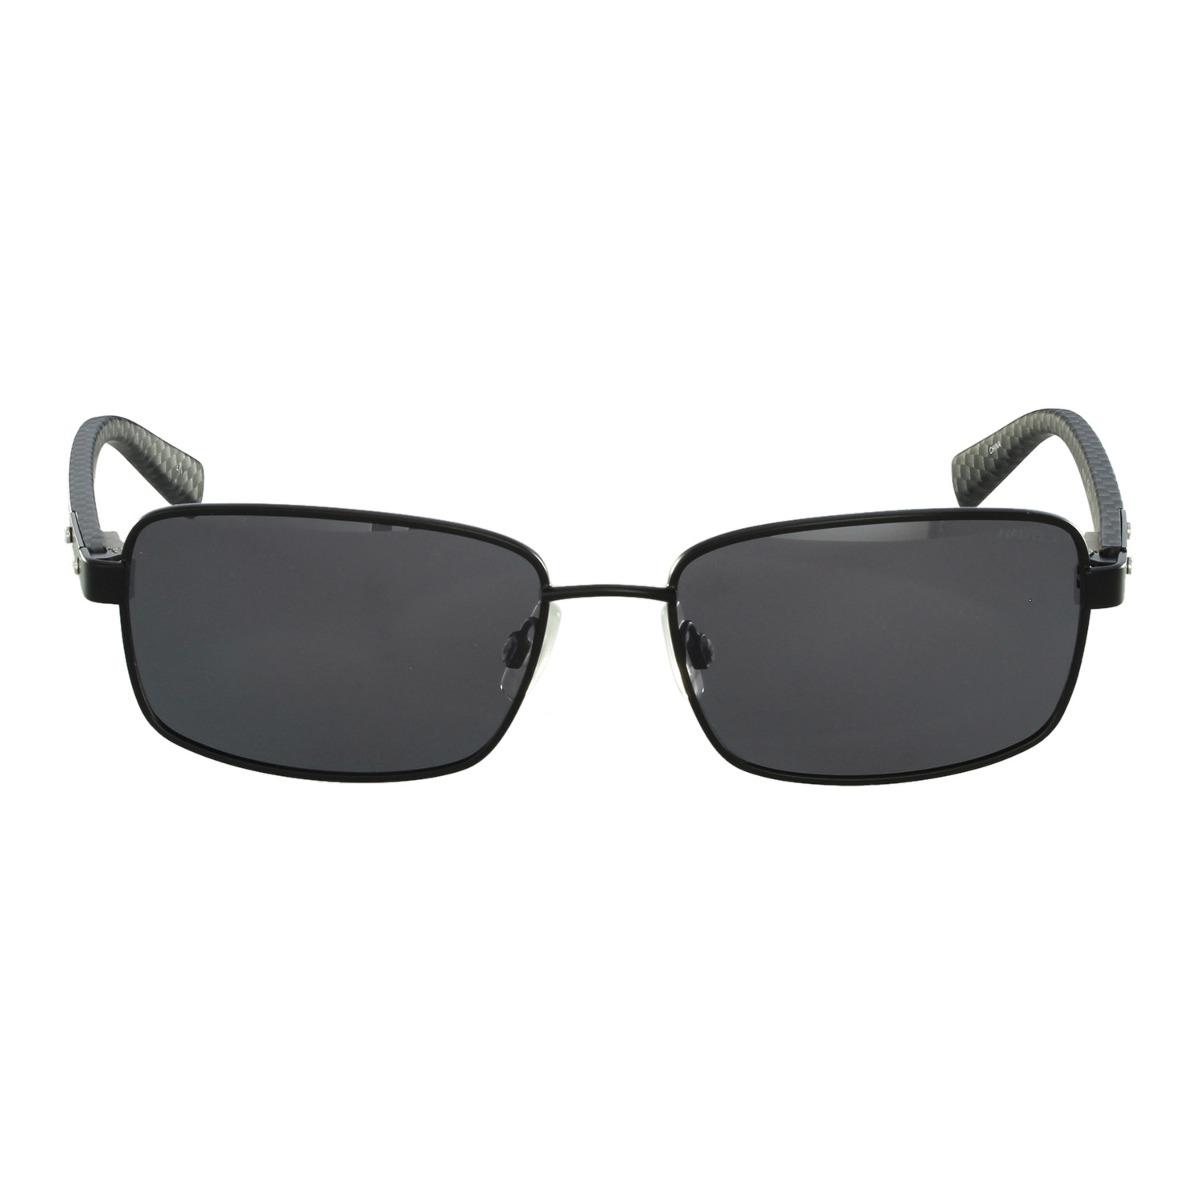 199a49ad43152 óculos de sol nautica esportivo preto. Carregando zoom.